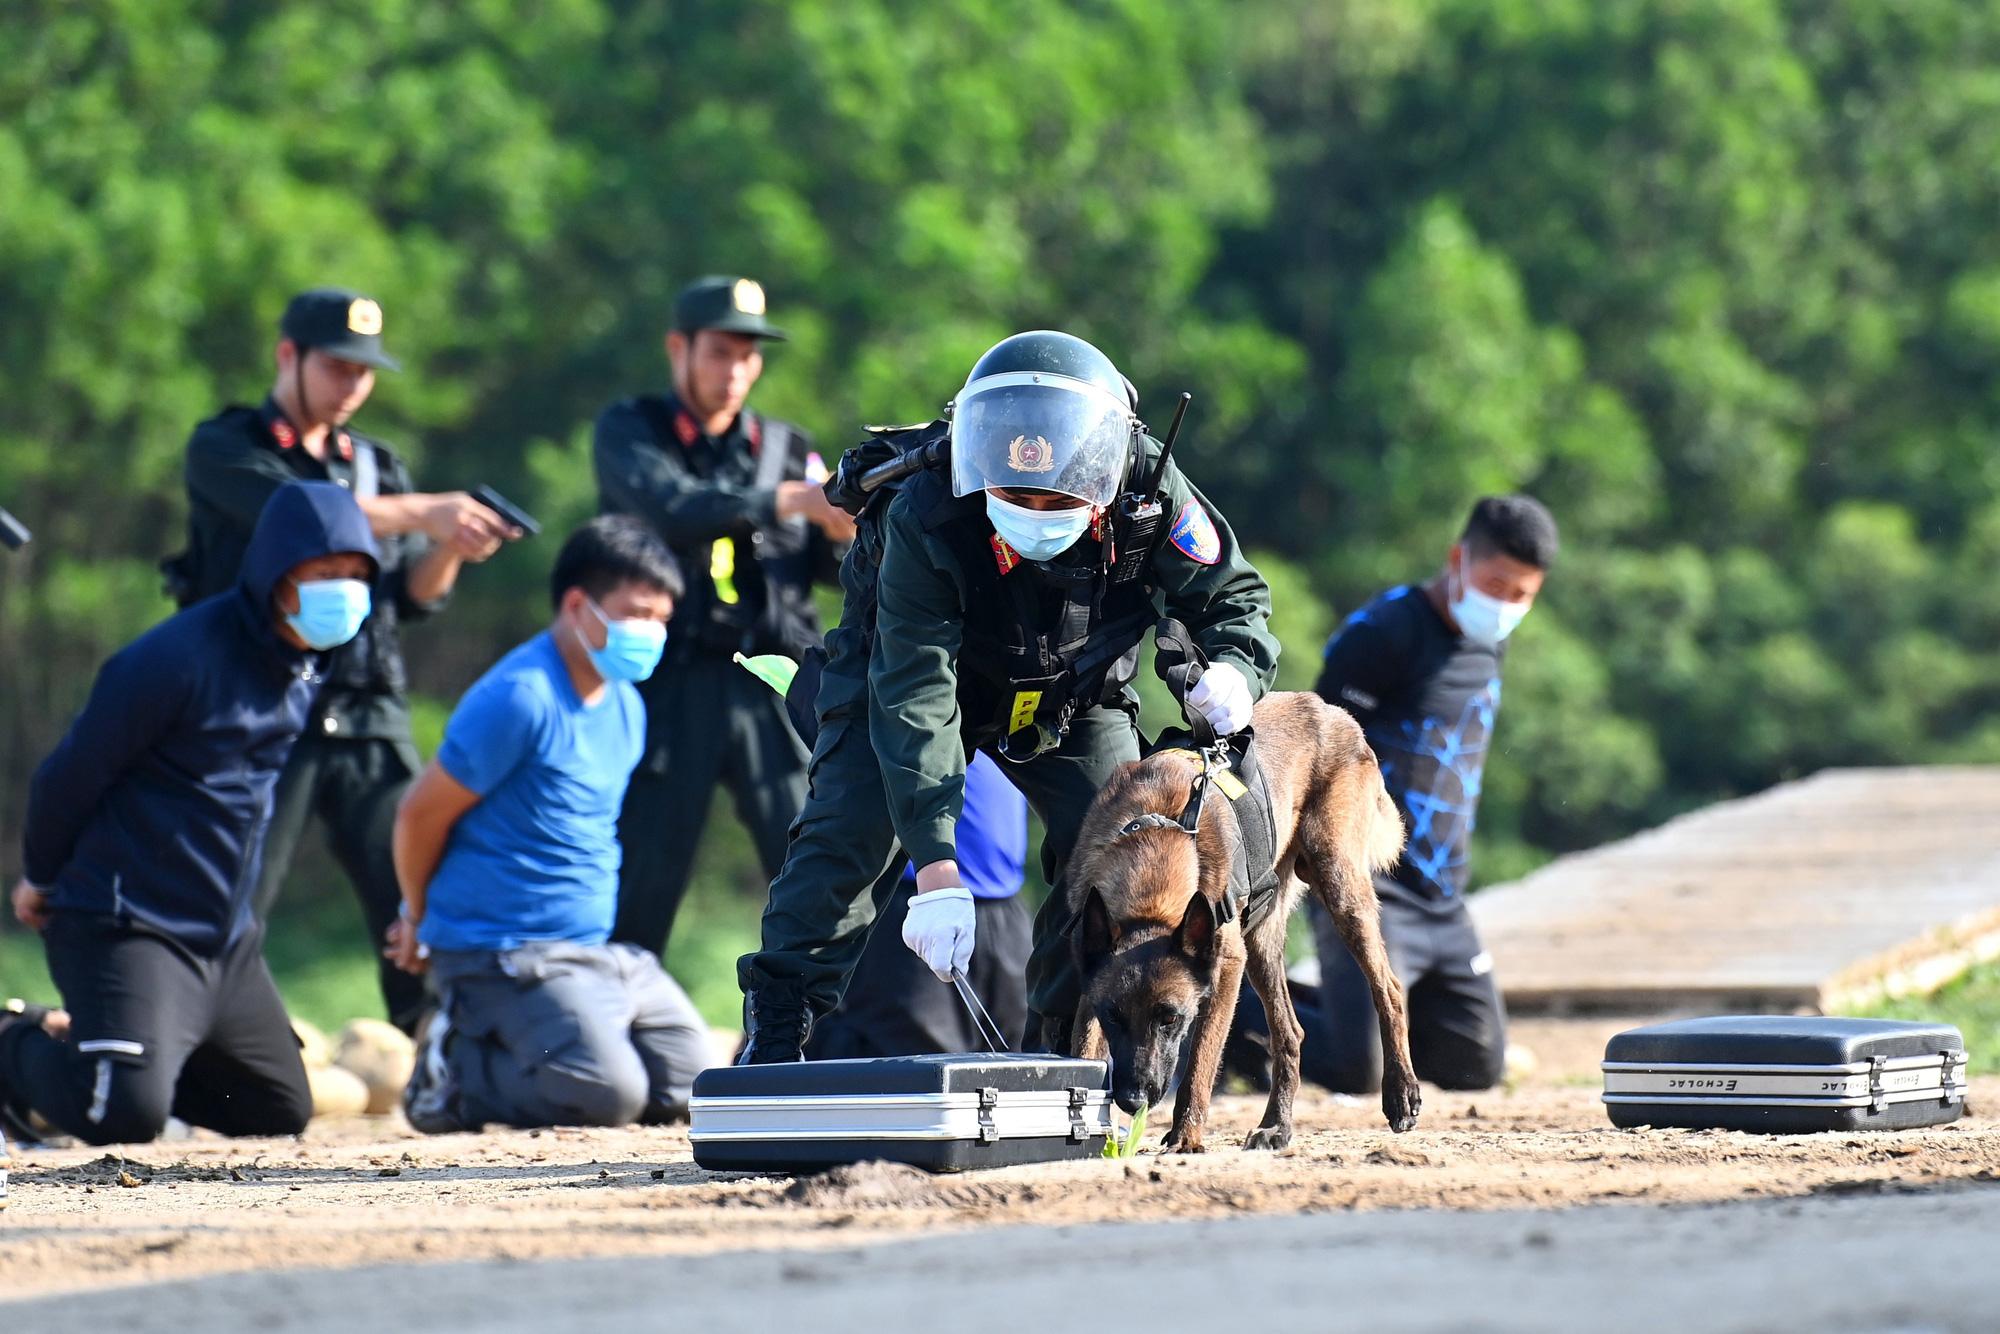 Mãn nhãn với màn biểu diễn võ thuật, nổ súng truy bắt tội phạm của Cảnh sát cơ động cùng những chiến binh đặc biệt - Ảnh 9.